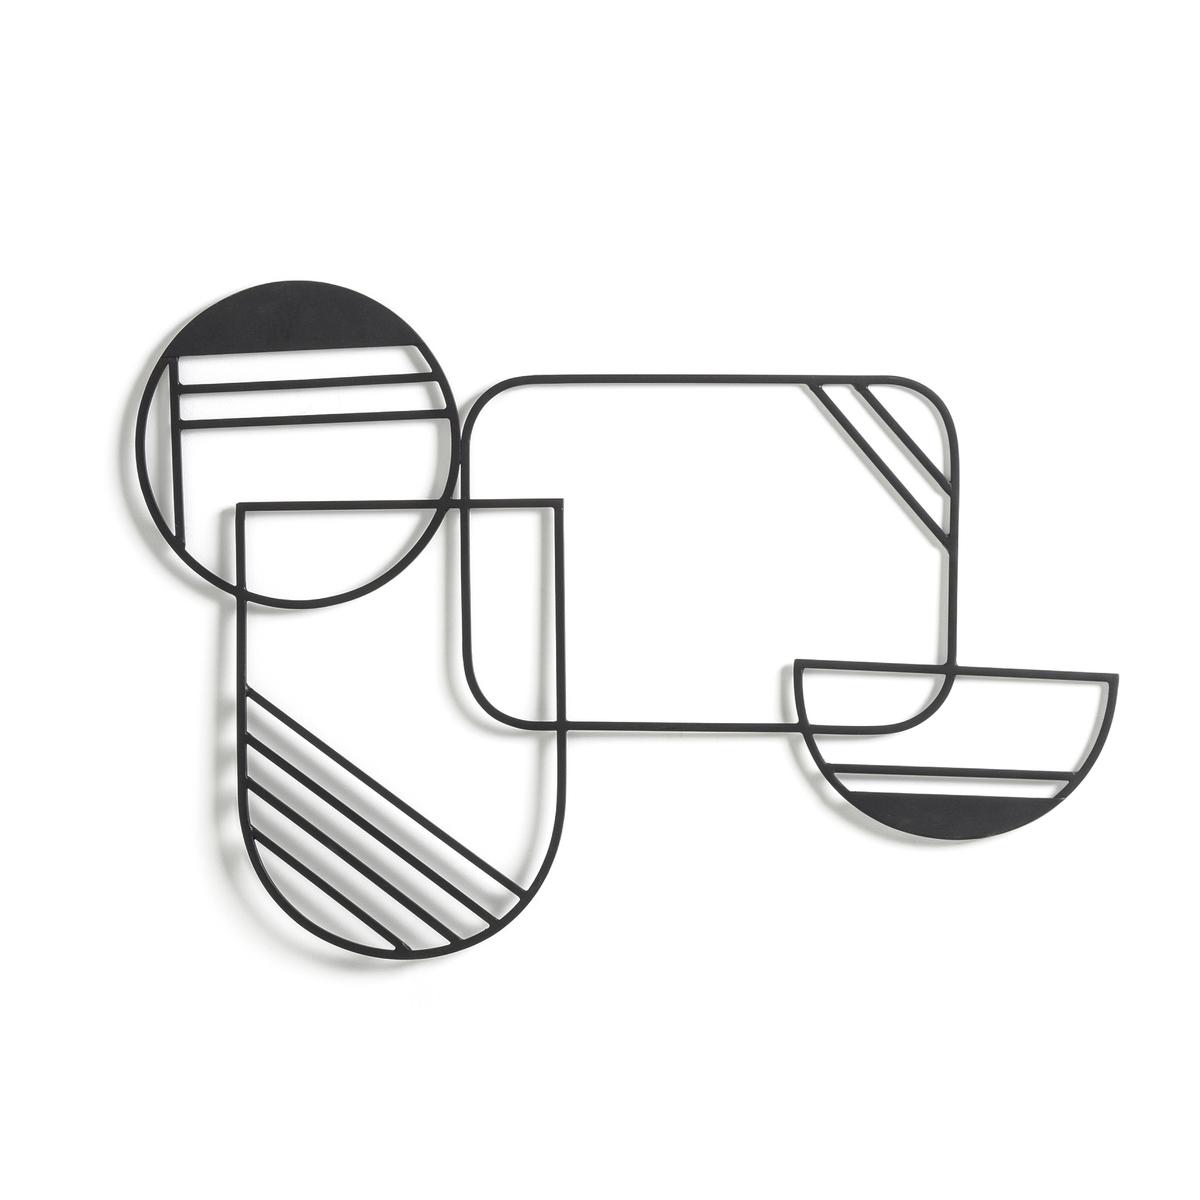 Фото - Настенное LaRedoute Украшение из металла Kazan единый размер черный корзинка laredoute с пластиковой ручкой единый размер черный